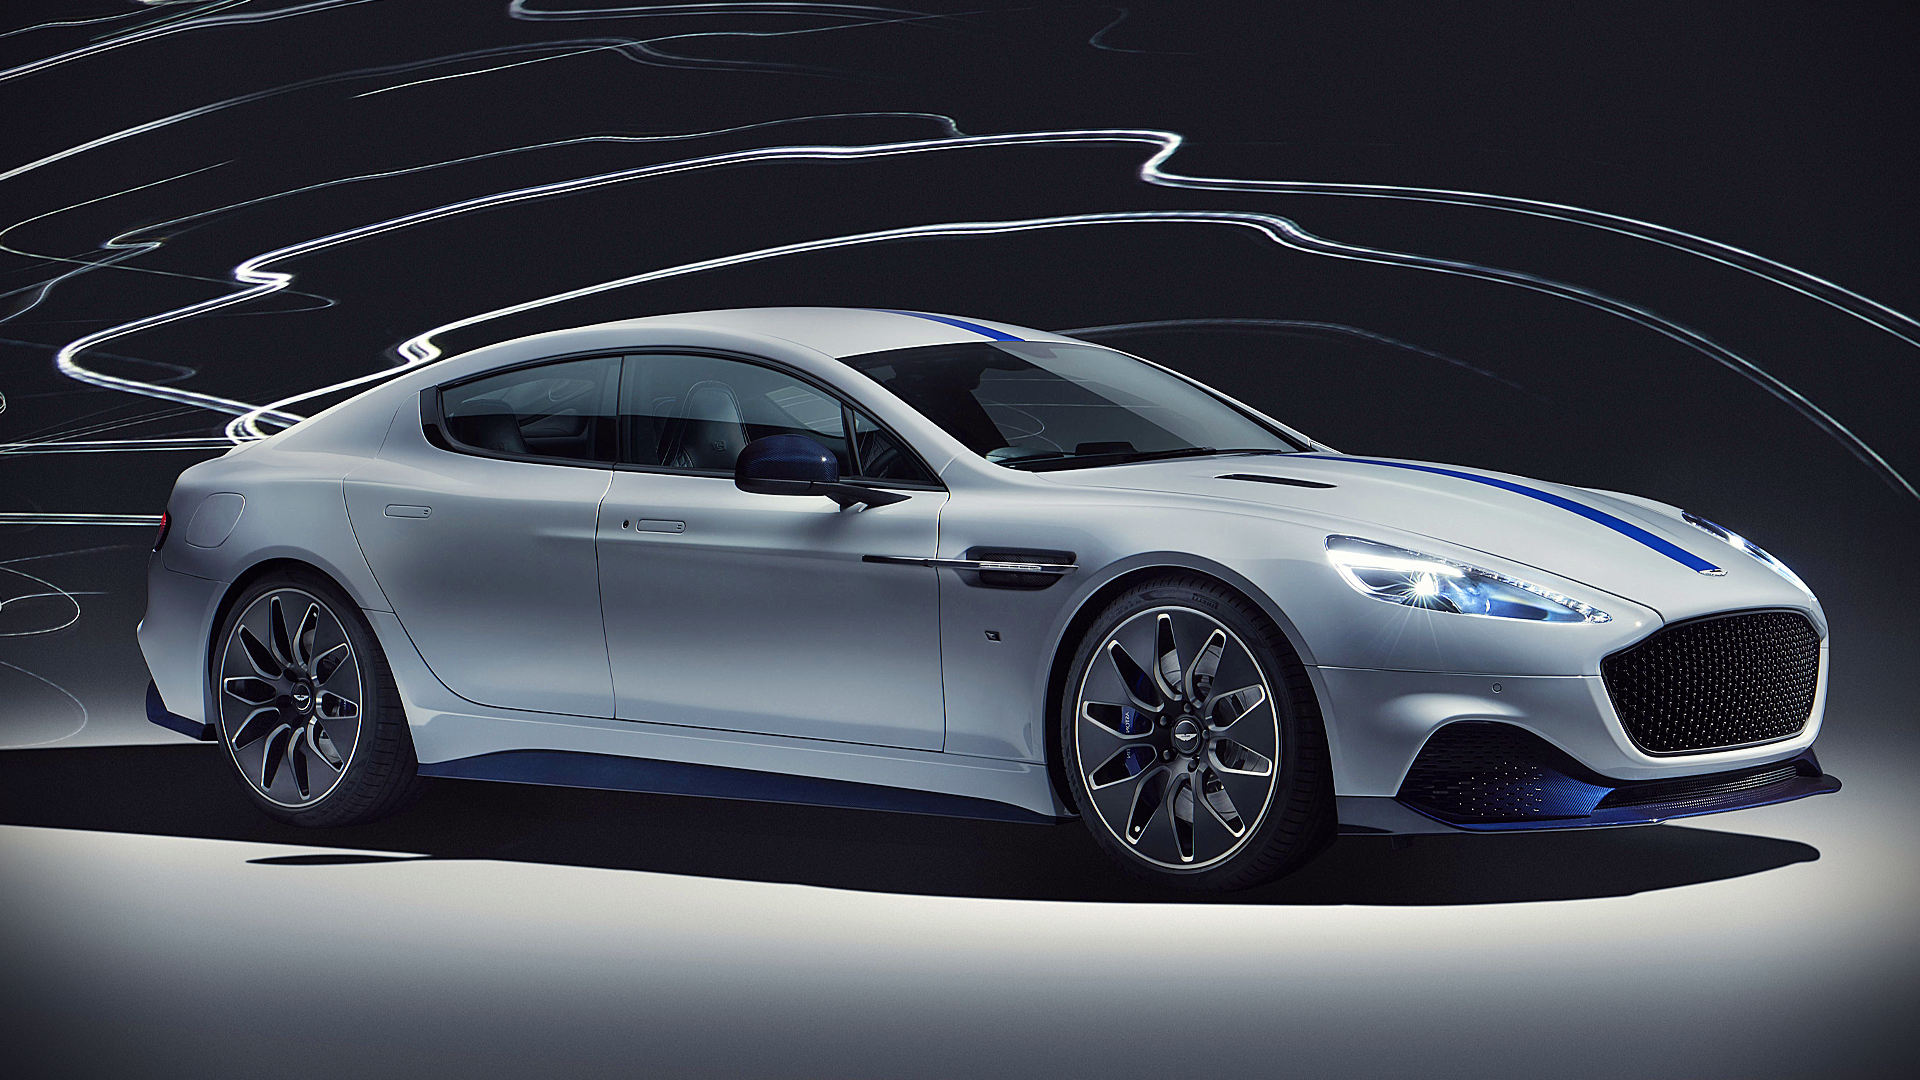 2020 Aston Martin Rapide E